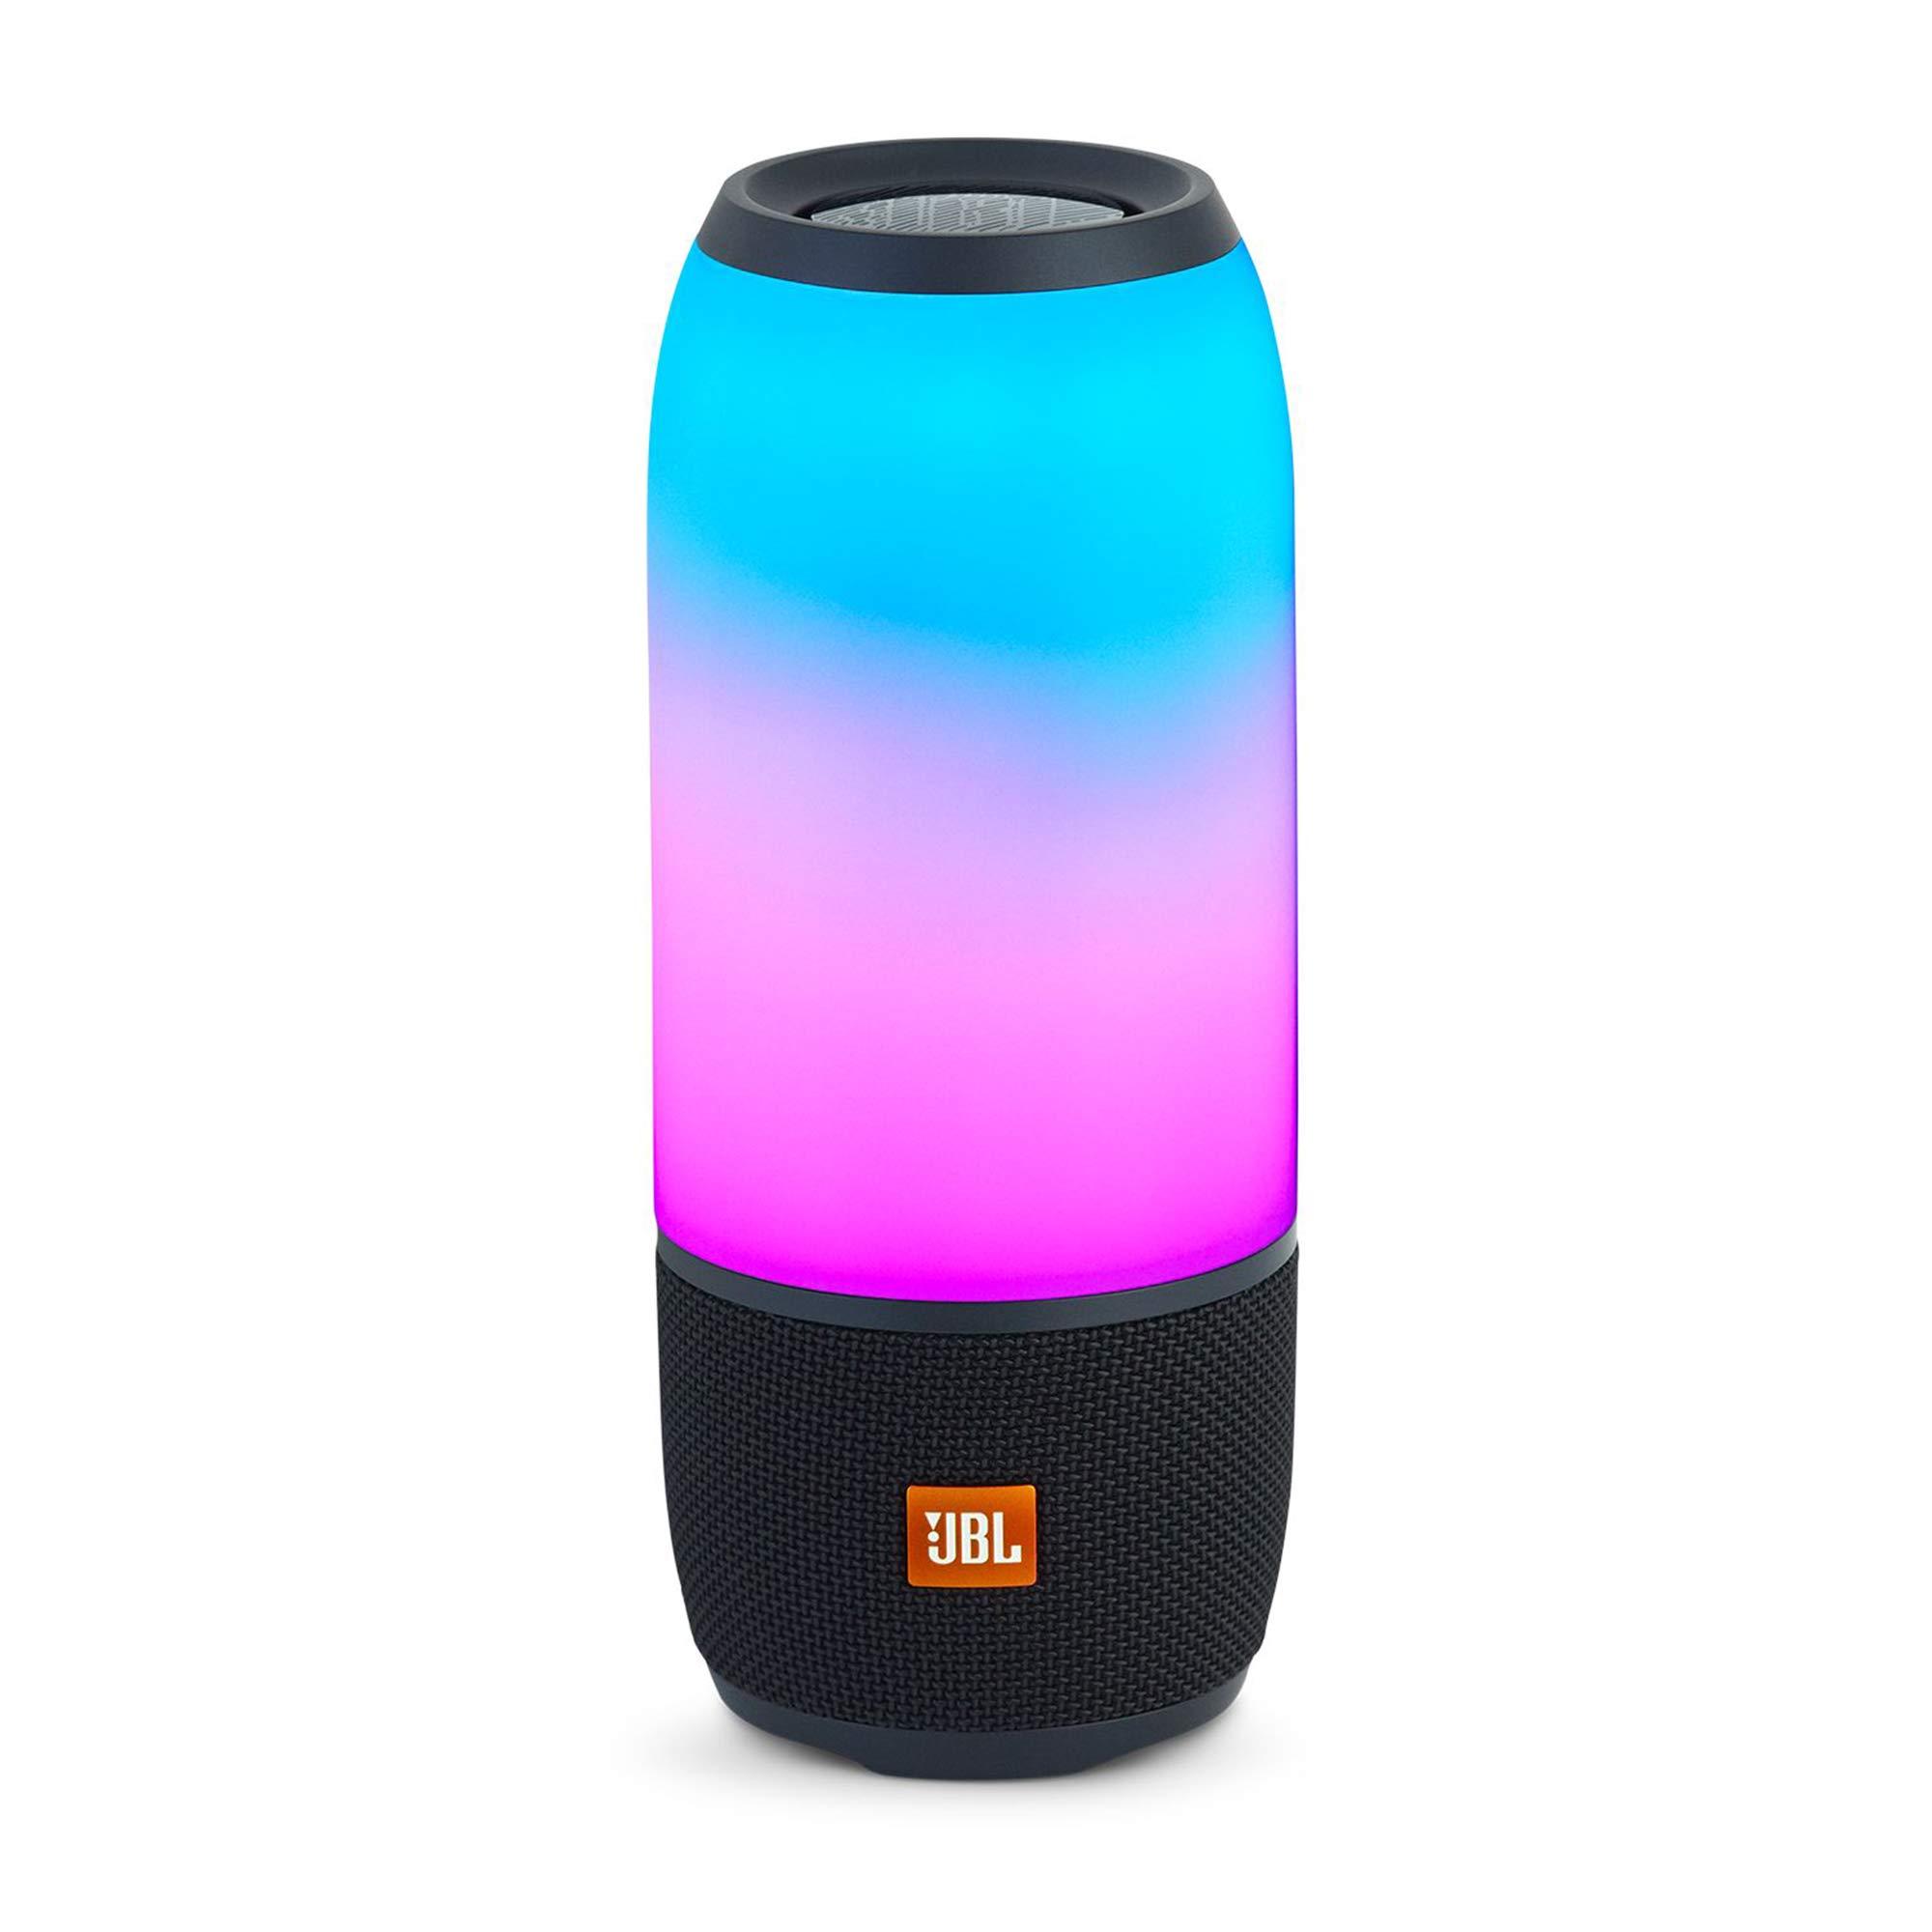 JBL Pulse 3 Wireless Bluetooth IPX7 Waterproof Speaker (Black) by JBL